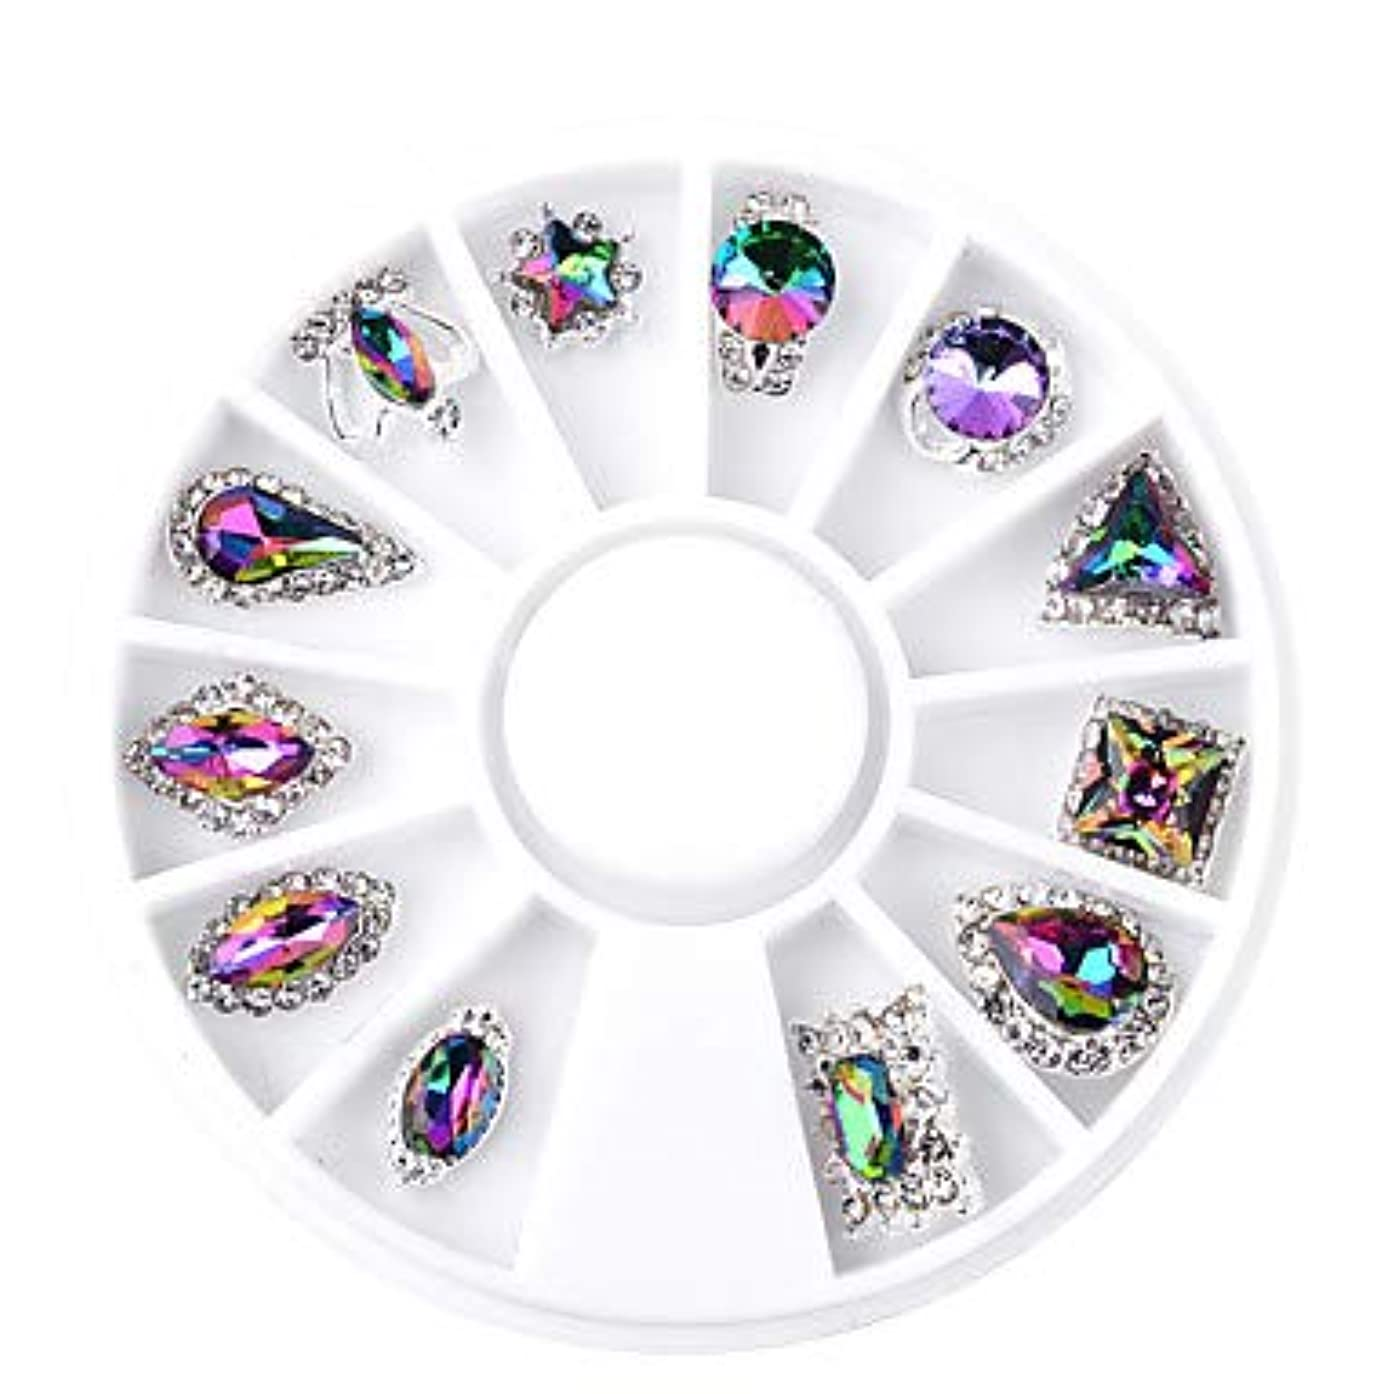 ドアミラー美容師札入れ12個の人工ネイルのヒントネイルジュエリーファッショナブルなデザインネイルアートマニキュアペディキュアデイリースタイリッシュな着用